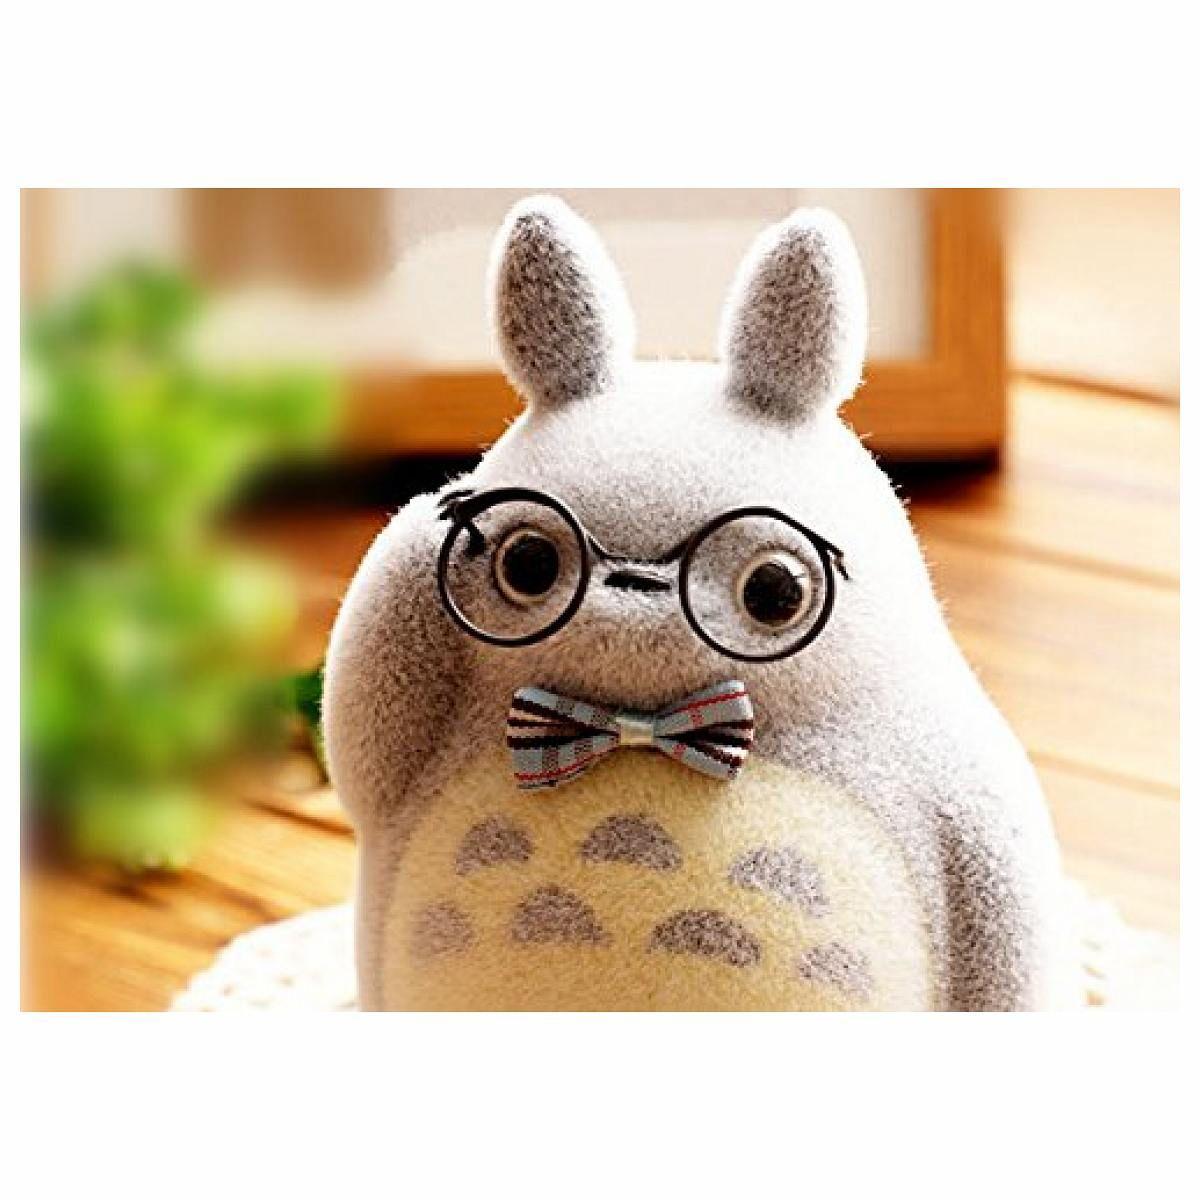 Totoro Flocking Piggy Bank Saving Pot For Kids Totoro